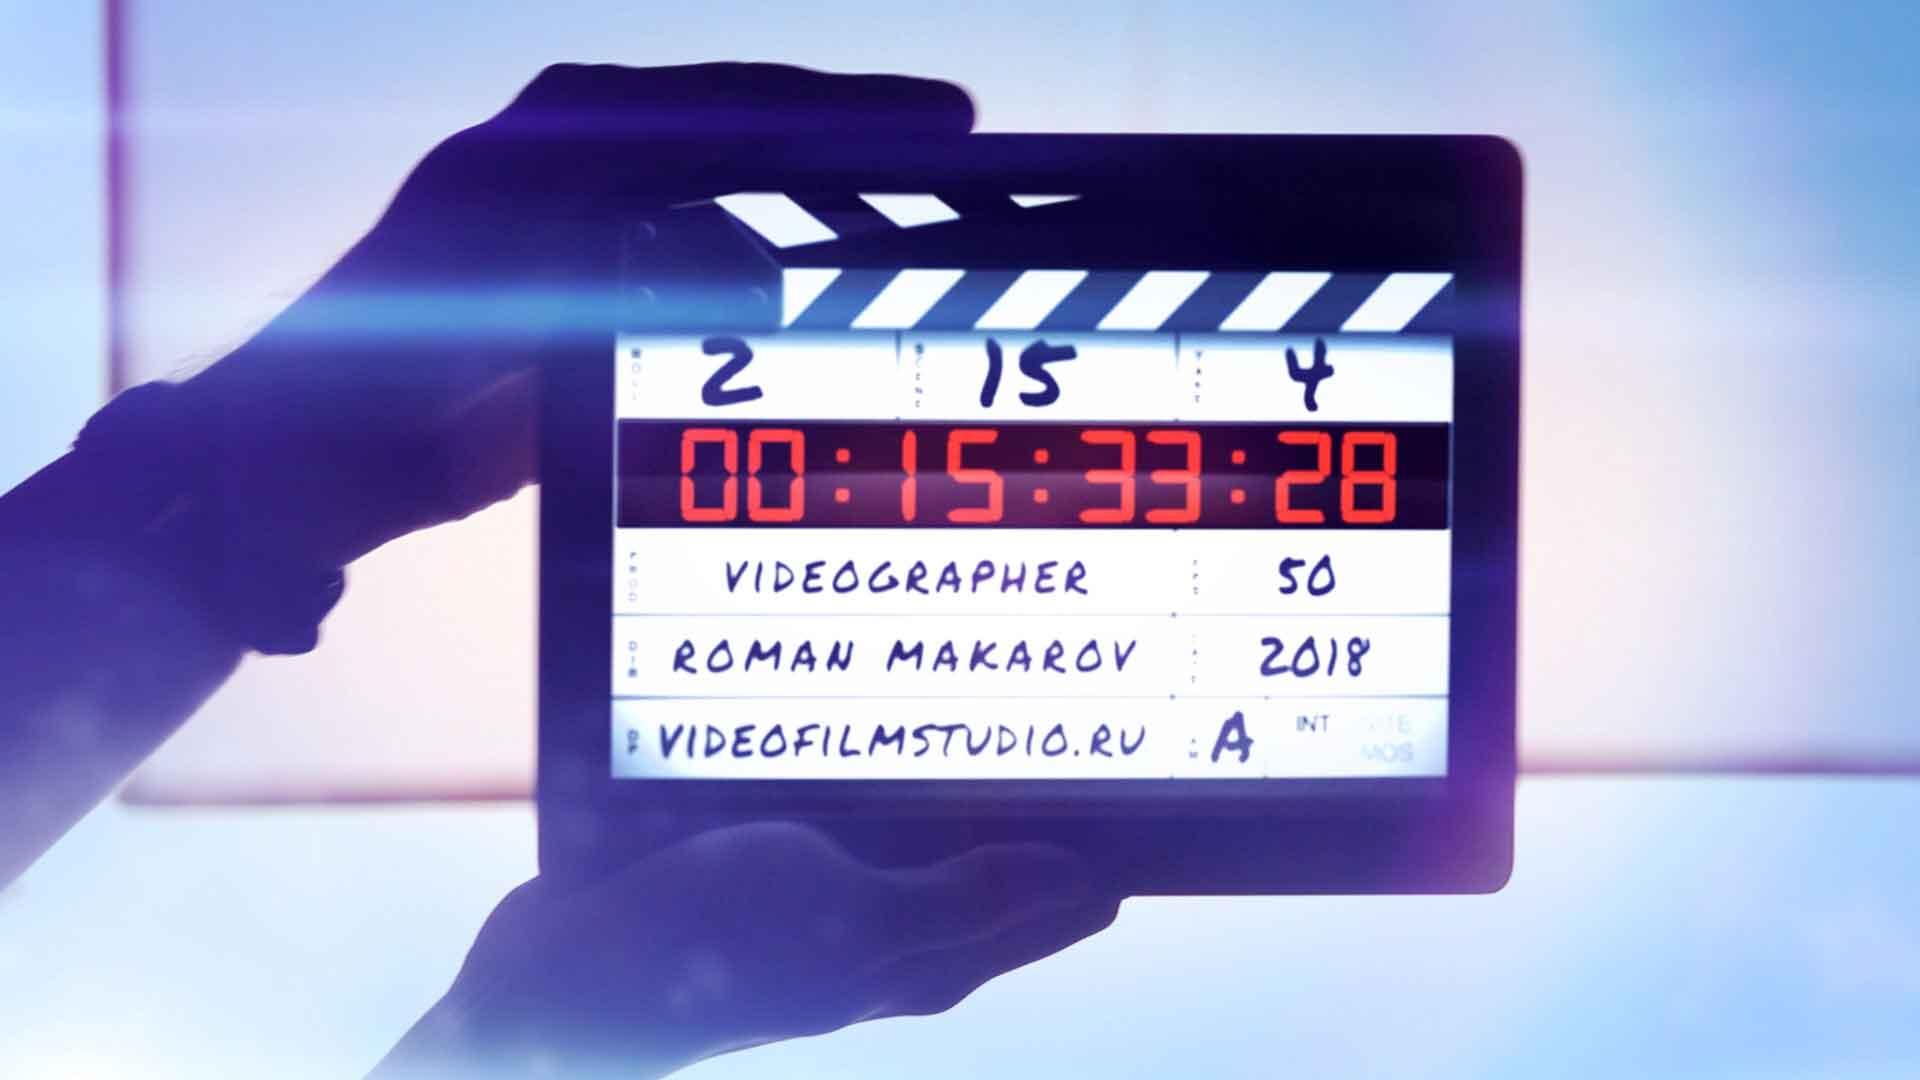 видеооператор на свадьбу, фотограф на свадьбу, свадебный фотограф, свадебный видеооператор